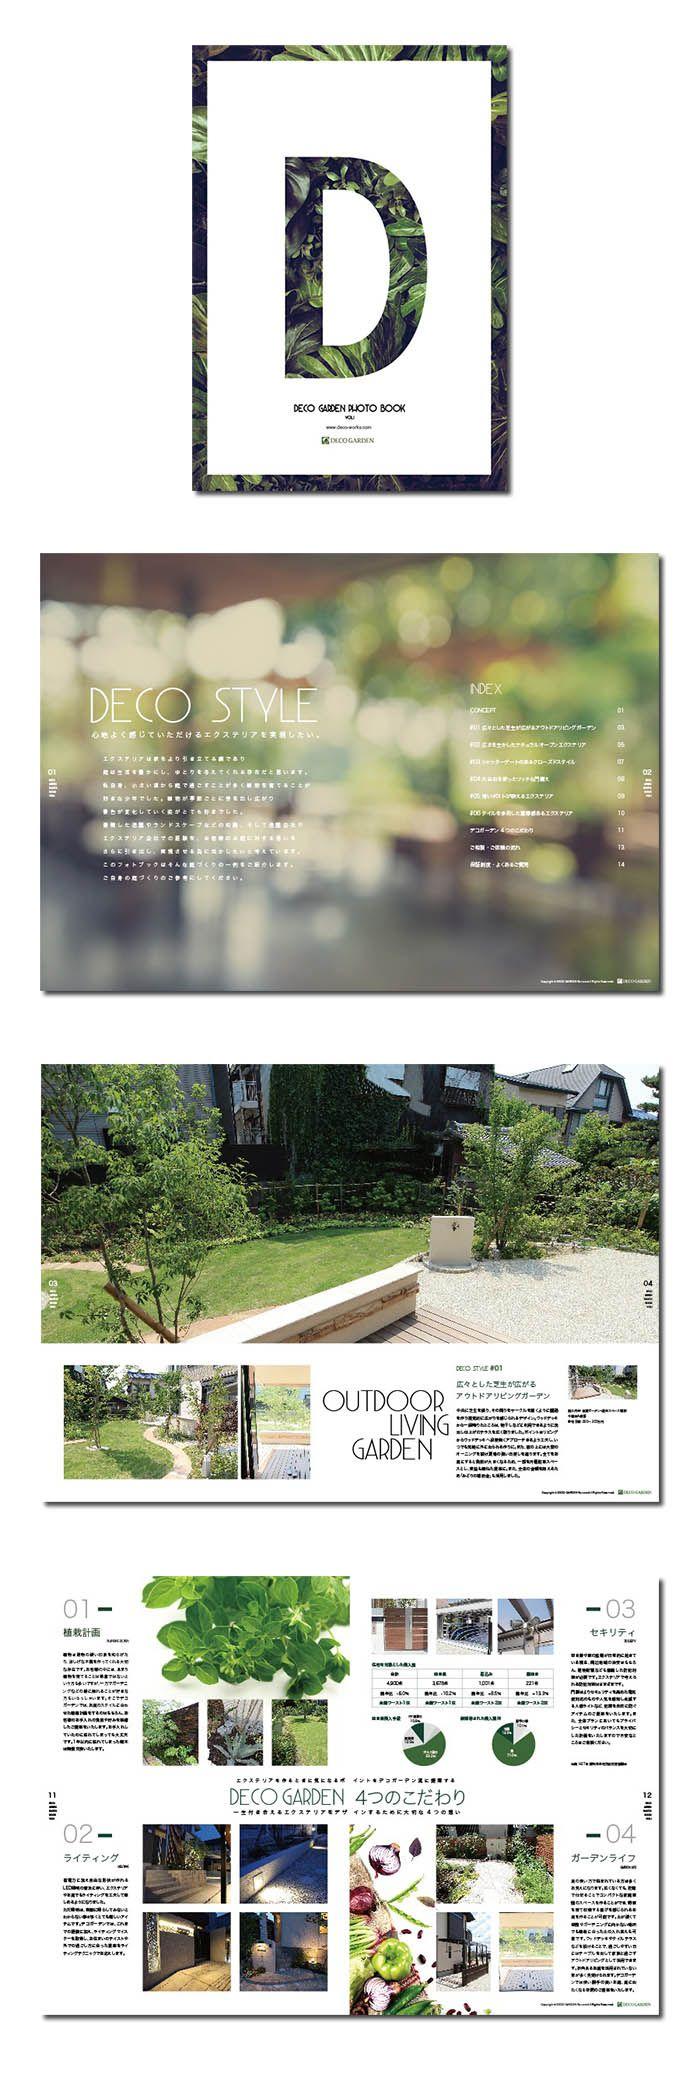 ガーデンエクステリアパンフレットデザイン #パンフレット #デザイン #ガーデン #名古屋